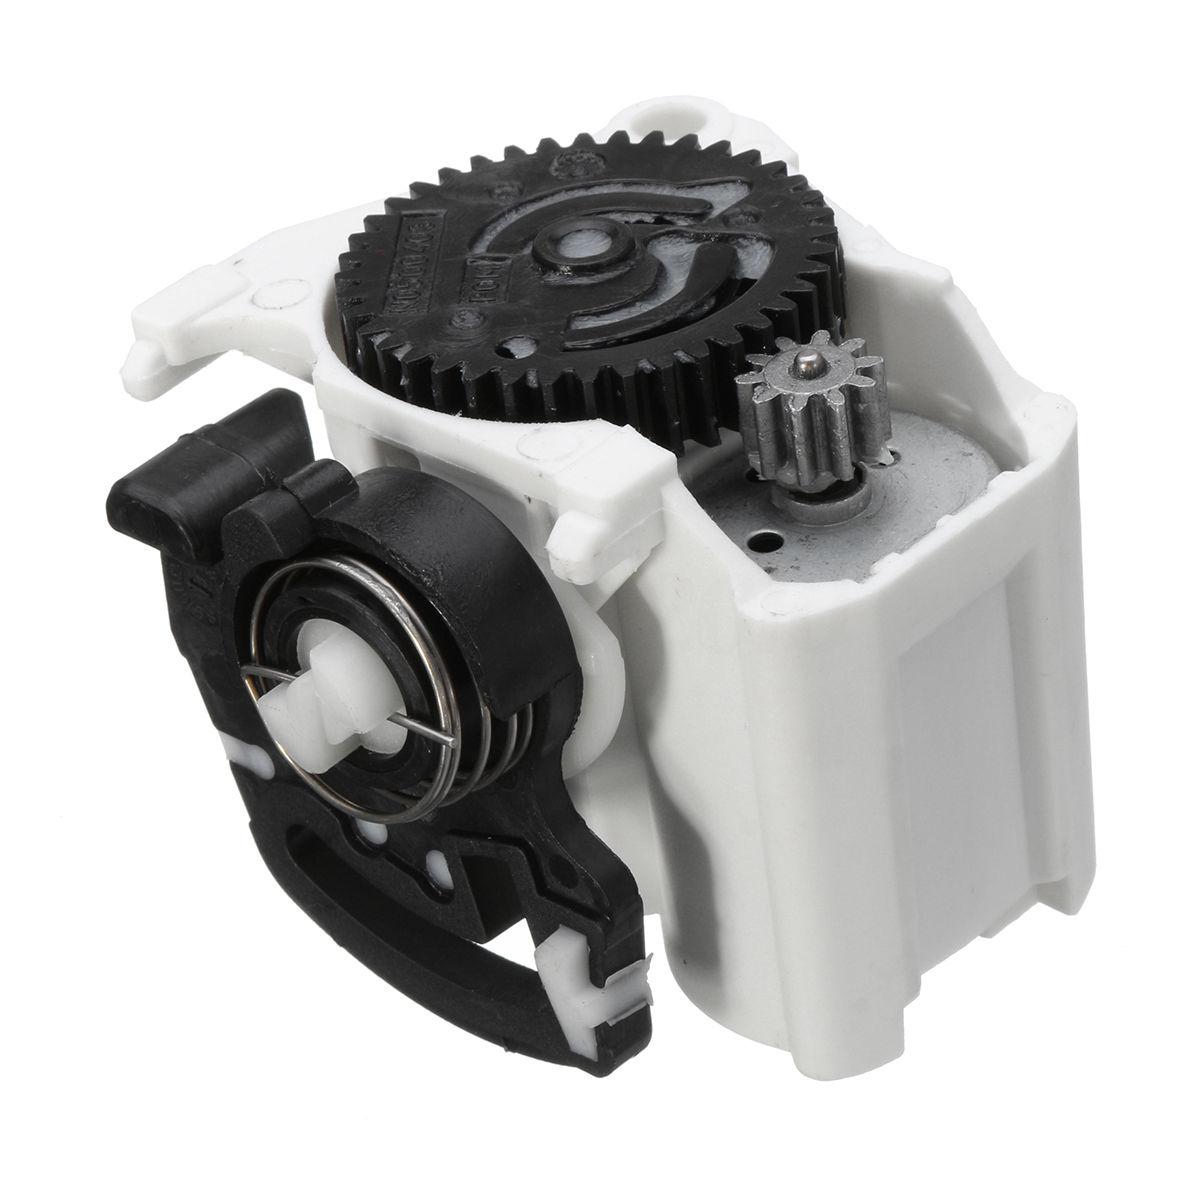 nouveau verrouillage serrure coffre hayon moteur pour renault clio ii megane i ebay. Black Bedroom Furniture Sets. Home Design Ideas